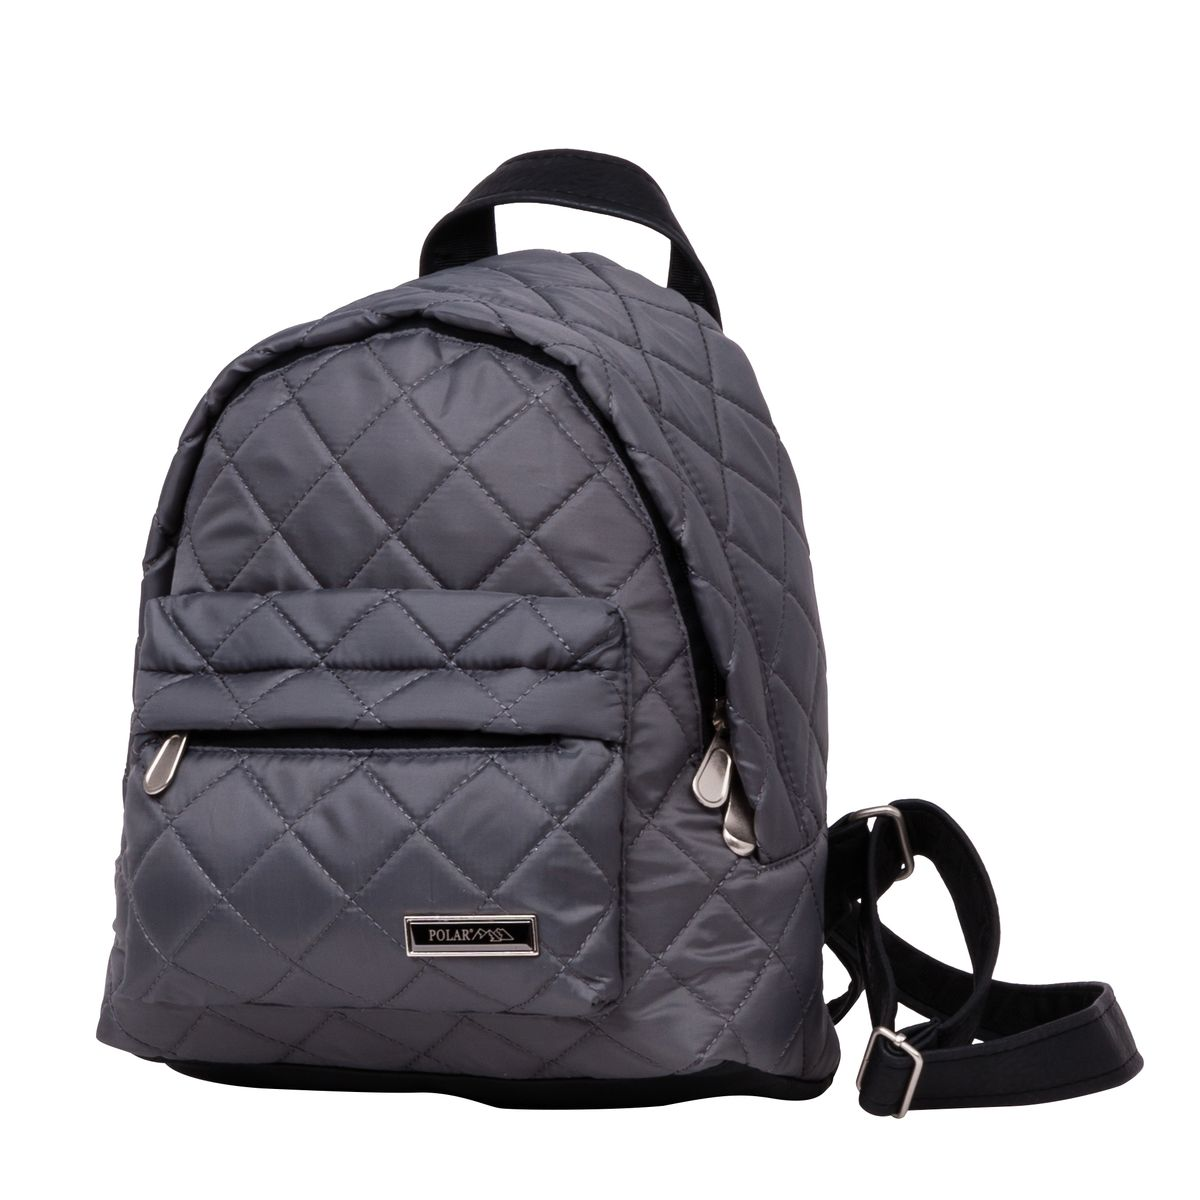 Рюкзак городской женский Polar, цвет: темно-серый, 9 л. п7075-06RU-704-1/3Рюкзак Polar выполнен из высококачественного полиэстера, который не пропускает воду. Рюкзак оформлен декоративной прострочкой и фирменной металлической пластинкой.На лицевой стороне расположен объемный накладной карман на молнии для мелочей. Рюкзак имеет петлю для подвешивания и две удобные лямки, длина которых регулируется с помощью пряжек. Изделие застегивается на застежку-молнию. Внутри расположено главное отделение, которое содержит вшитый карман на молнии и два открытых накладных кармана для телефона и мелочей.